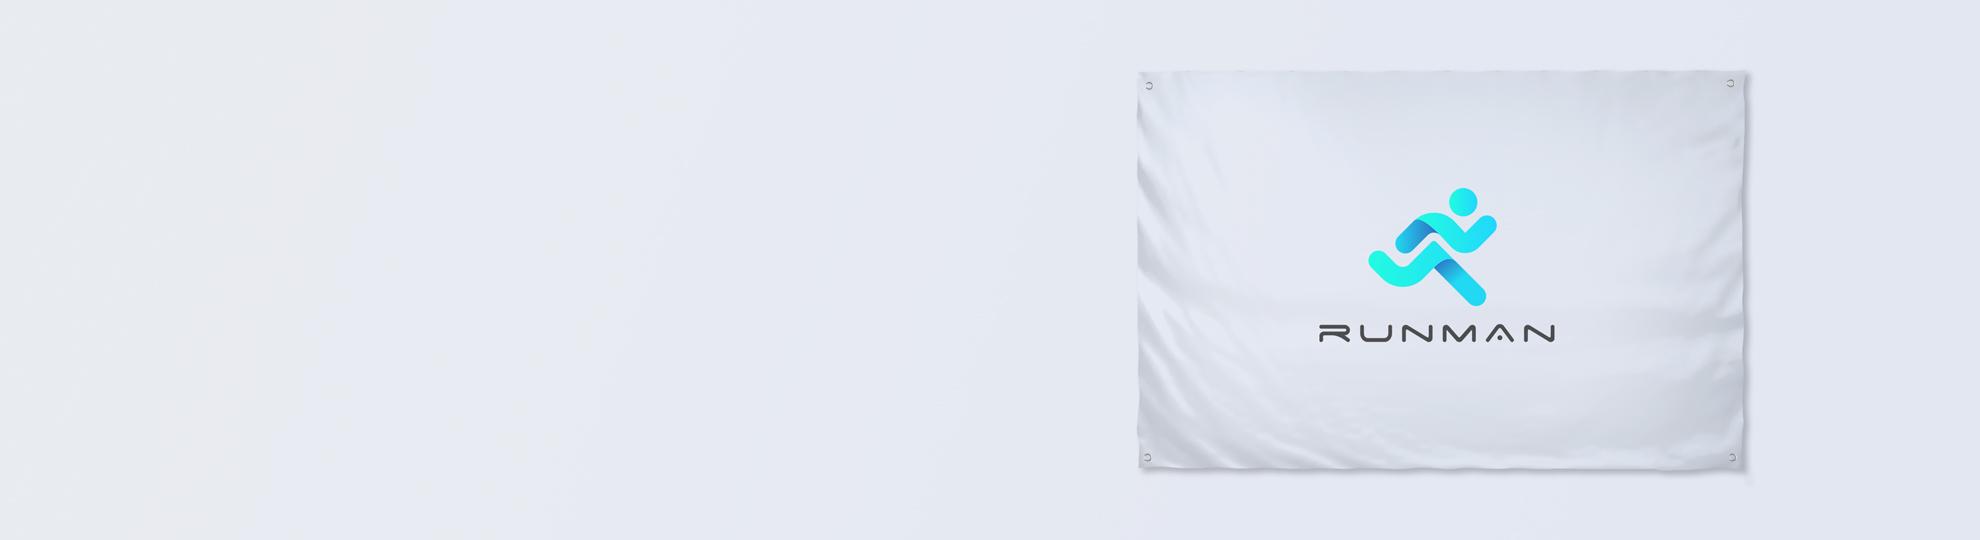 Imprimer bâche transparente en ligne Imprim Up